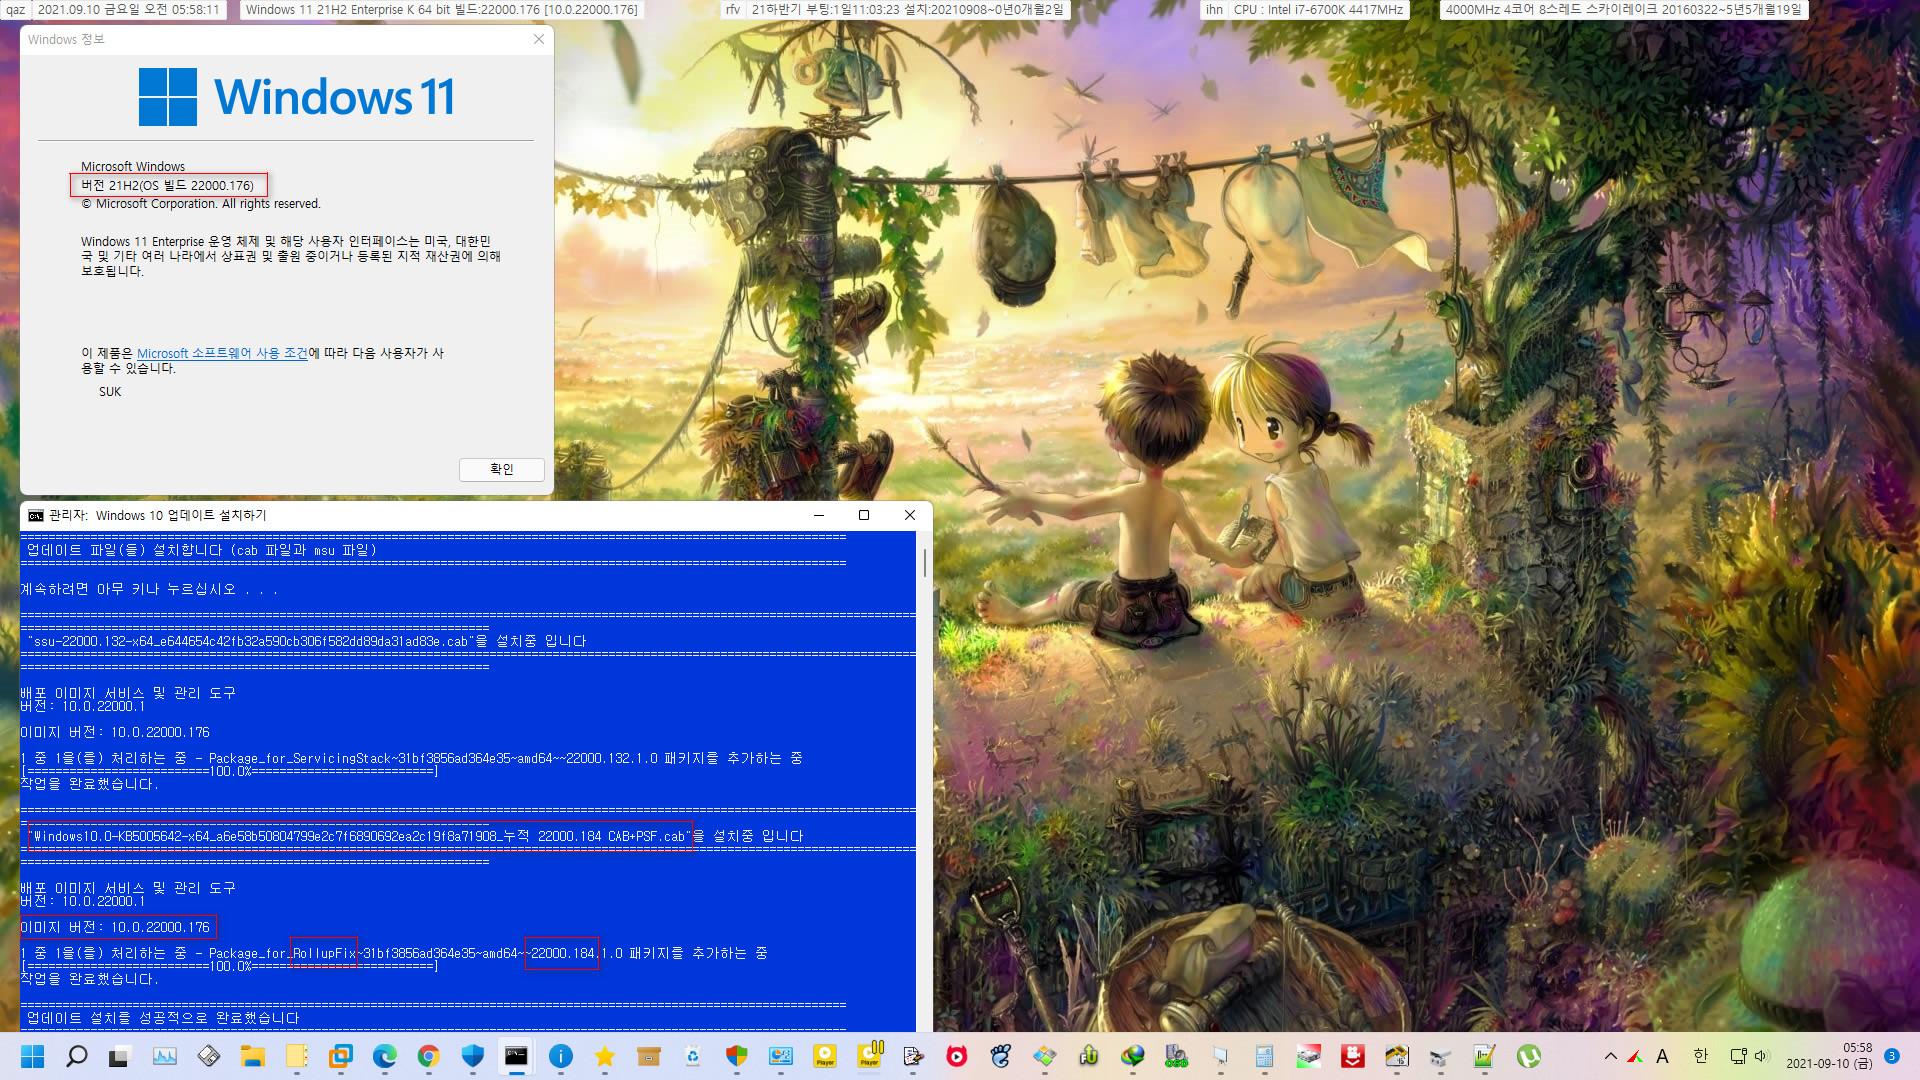 Windows 11 인사이더 프리뷰 - 버전 21H2 (OS 빌드 22000.184) 나왔네요 - 베타 채널 + 릴리스 프리뷰 채널 - 실컴에 업데이트 설치했습니다 2021-09-10_055811.jpg